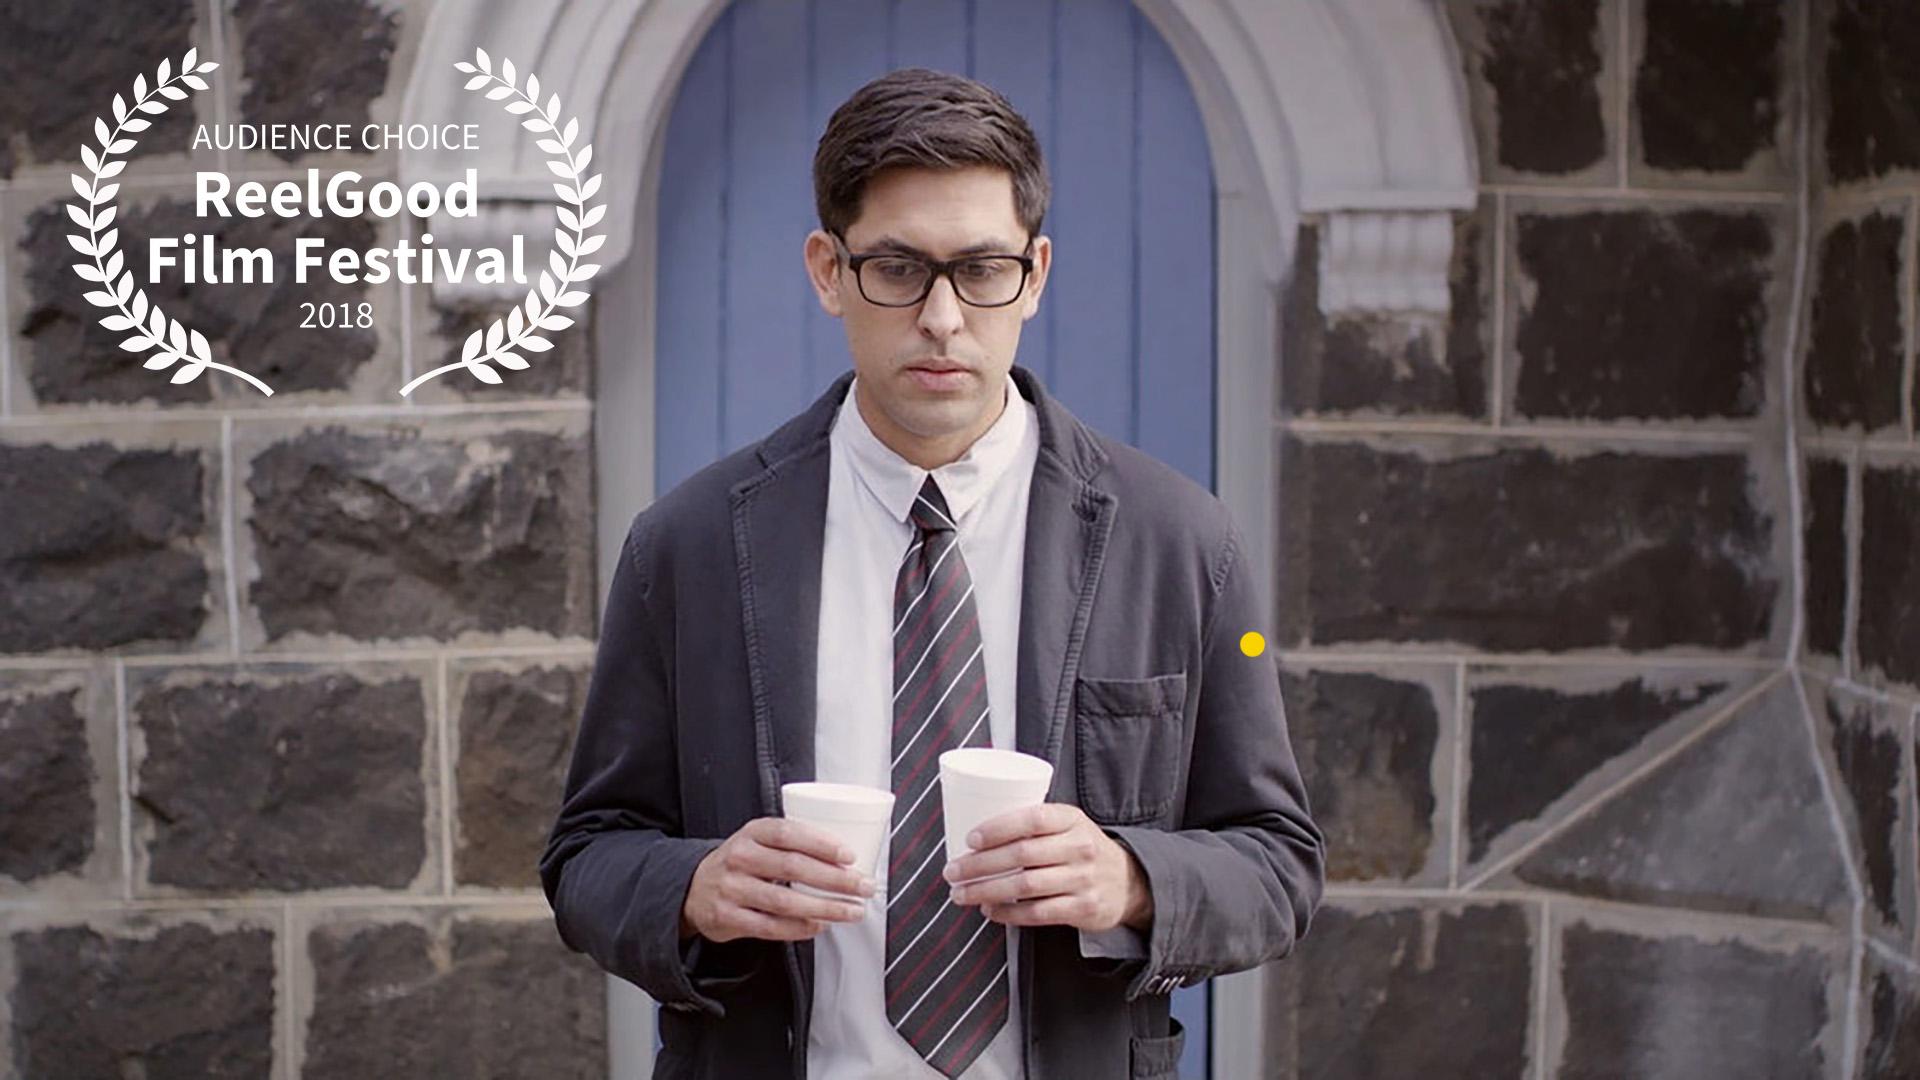 reelgood film festival